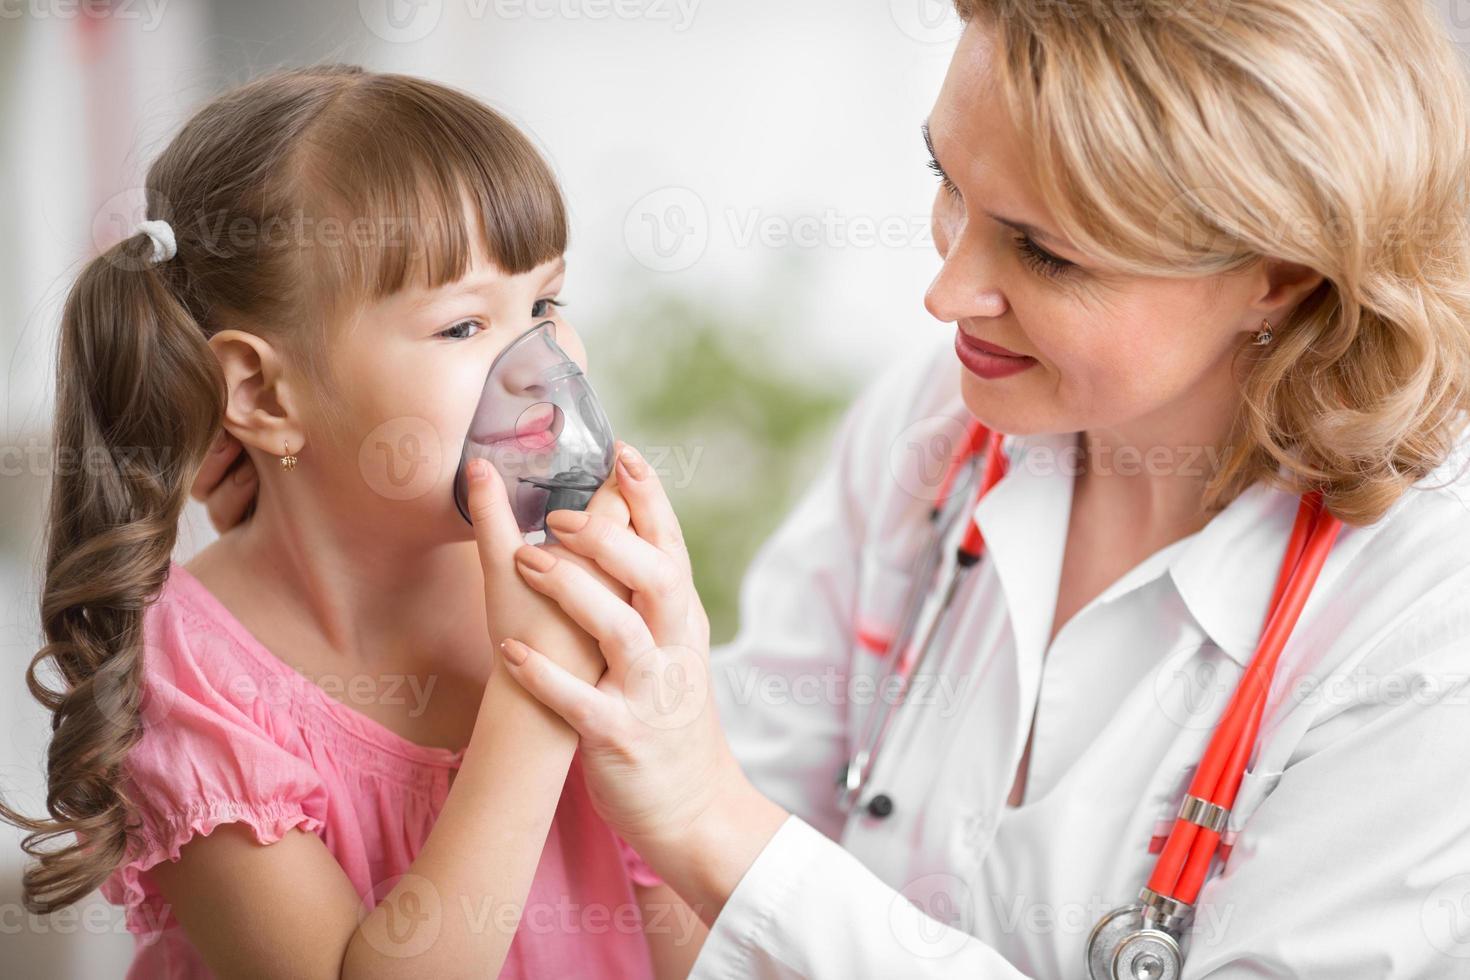 médico pediatra haciendo inhalación a paciente niño foto